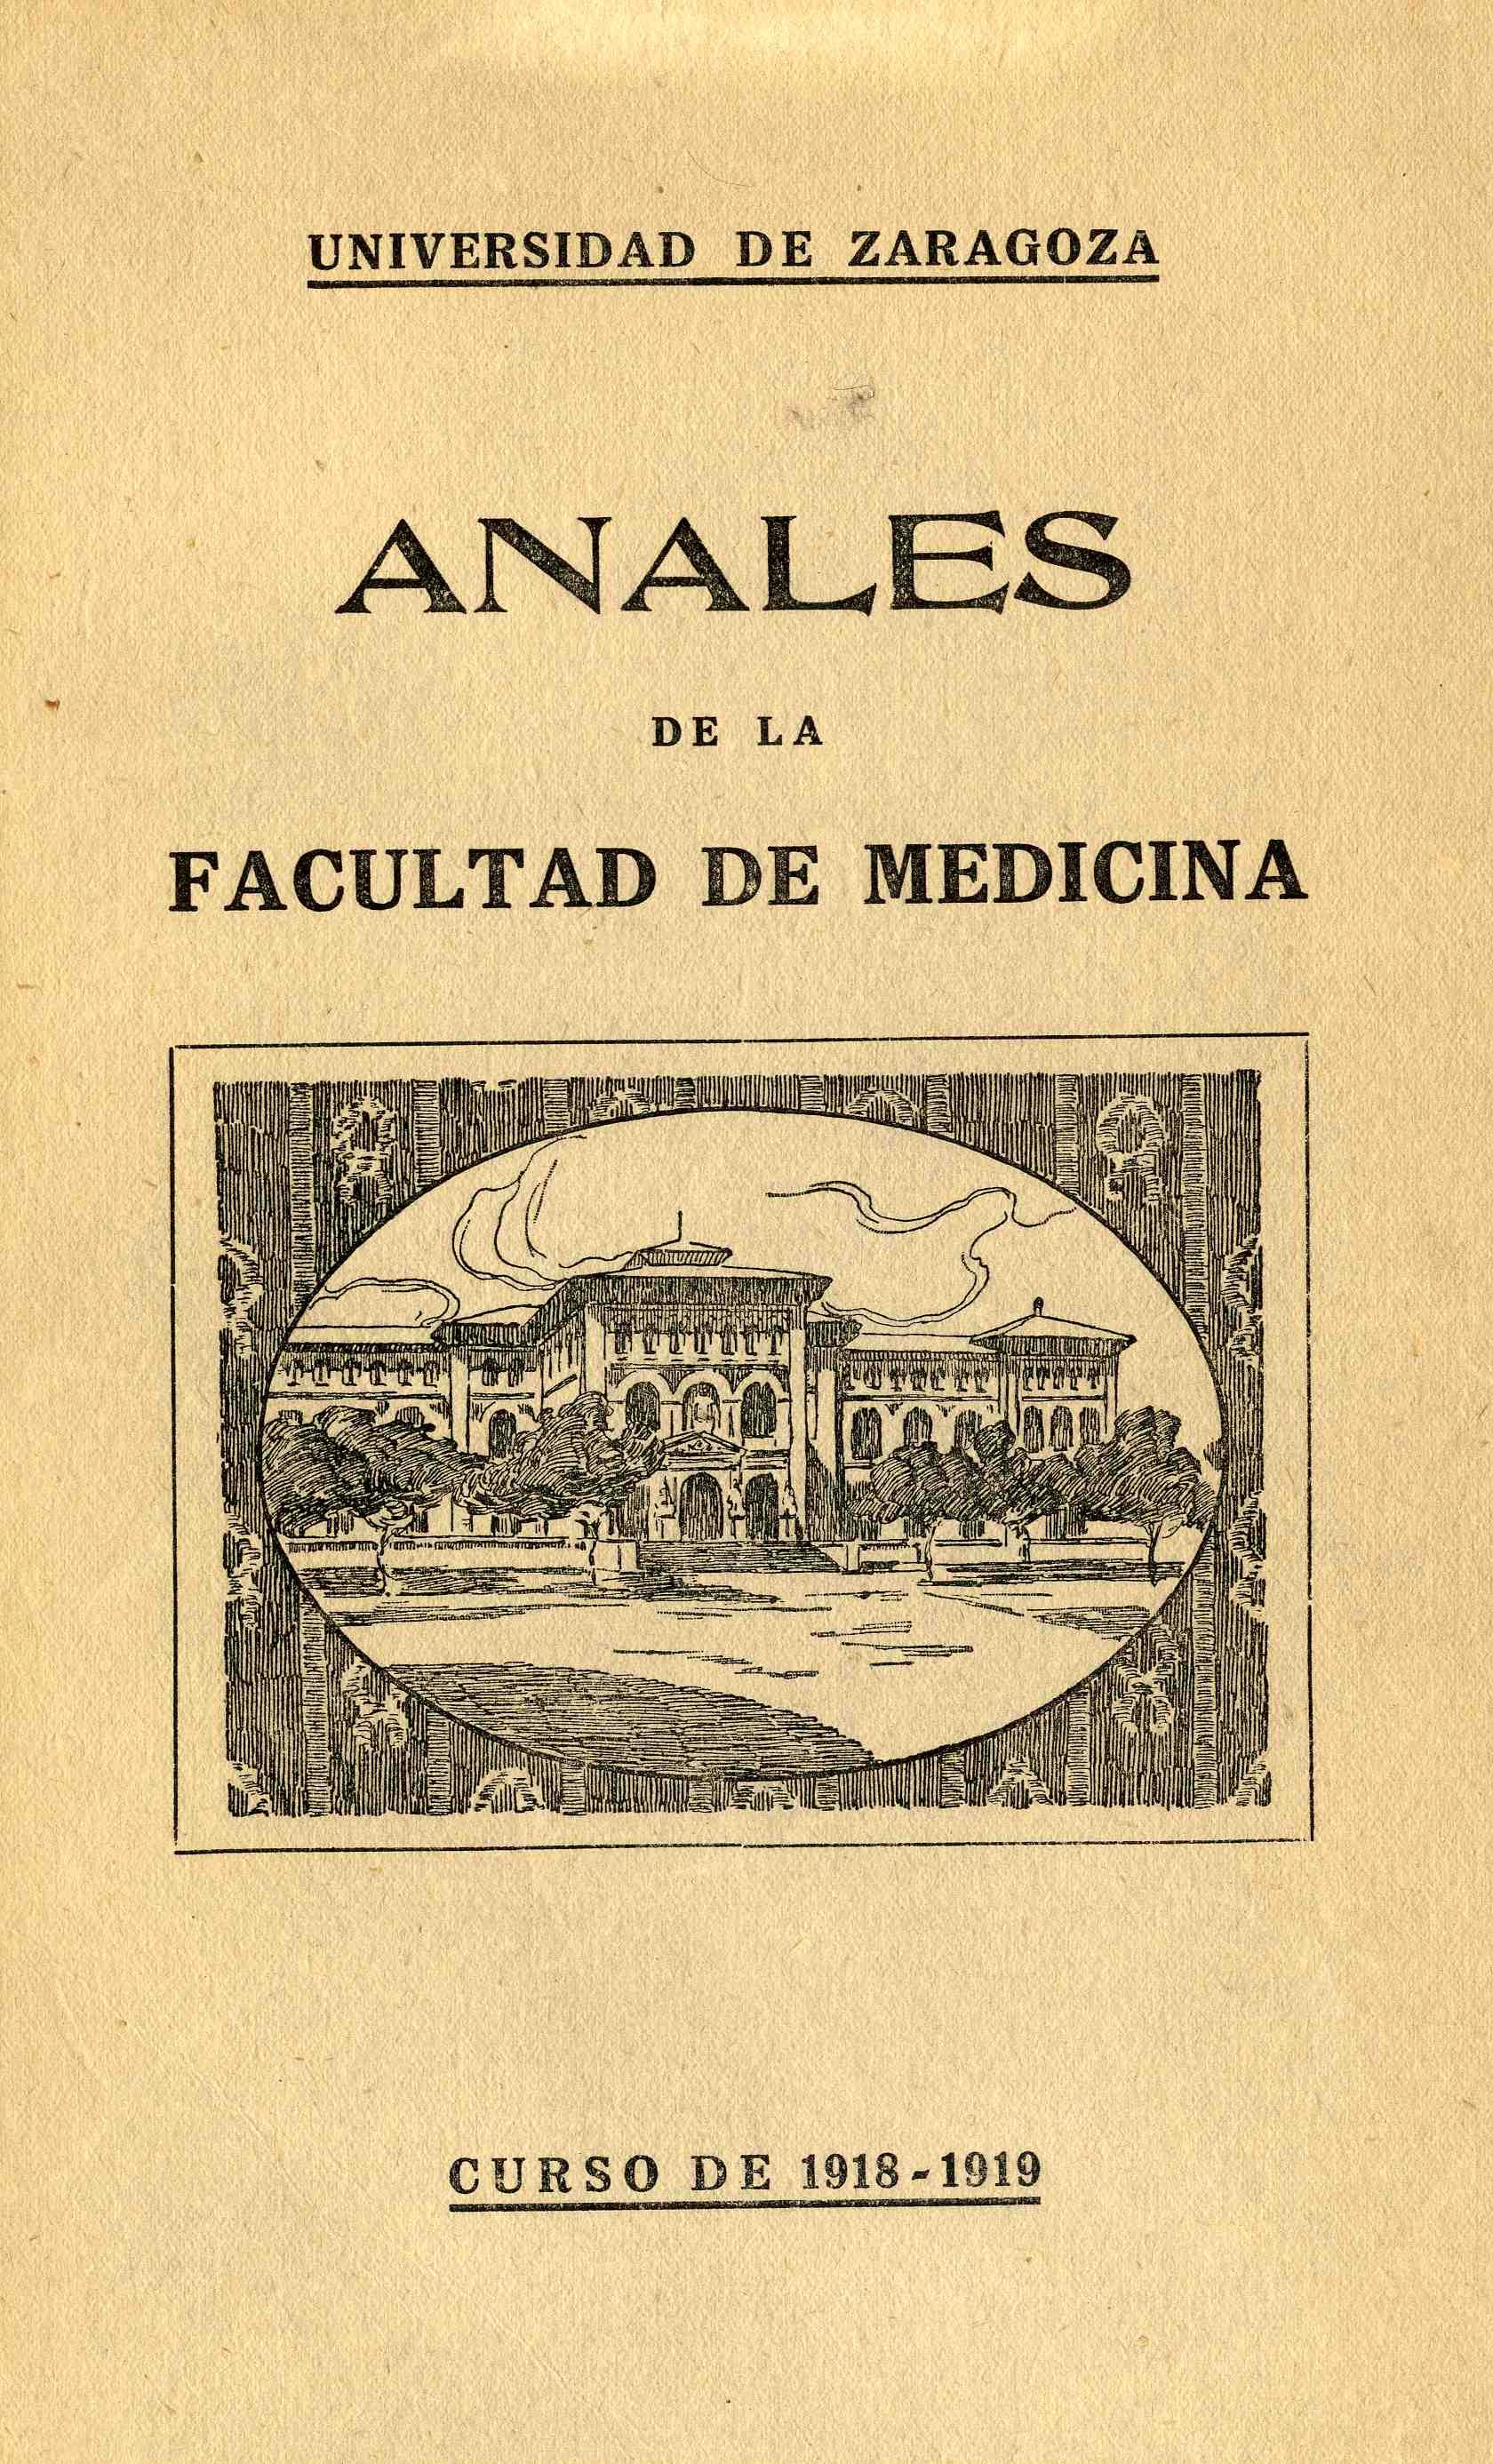 Anales de la Facultad de Medicina, fasc. 2,  (1918-19)